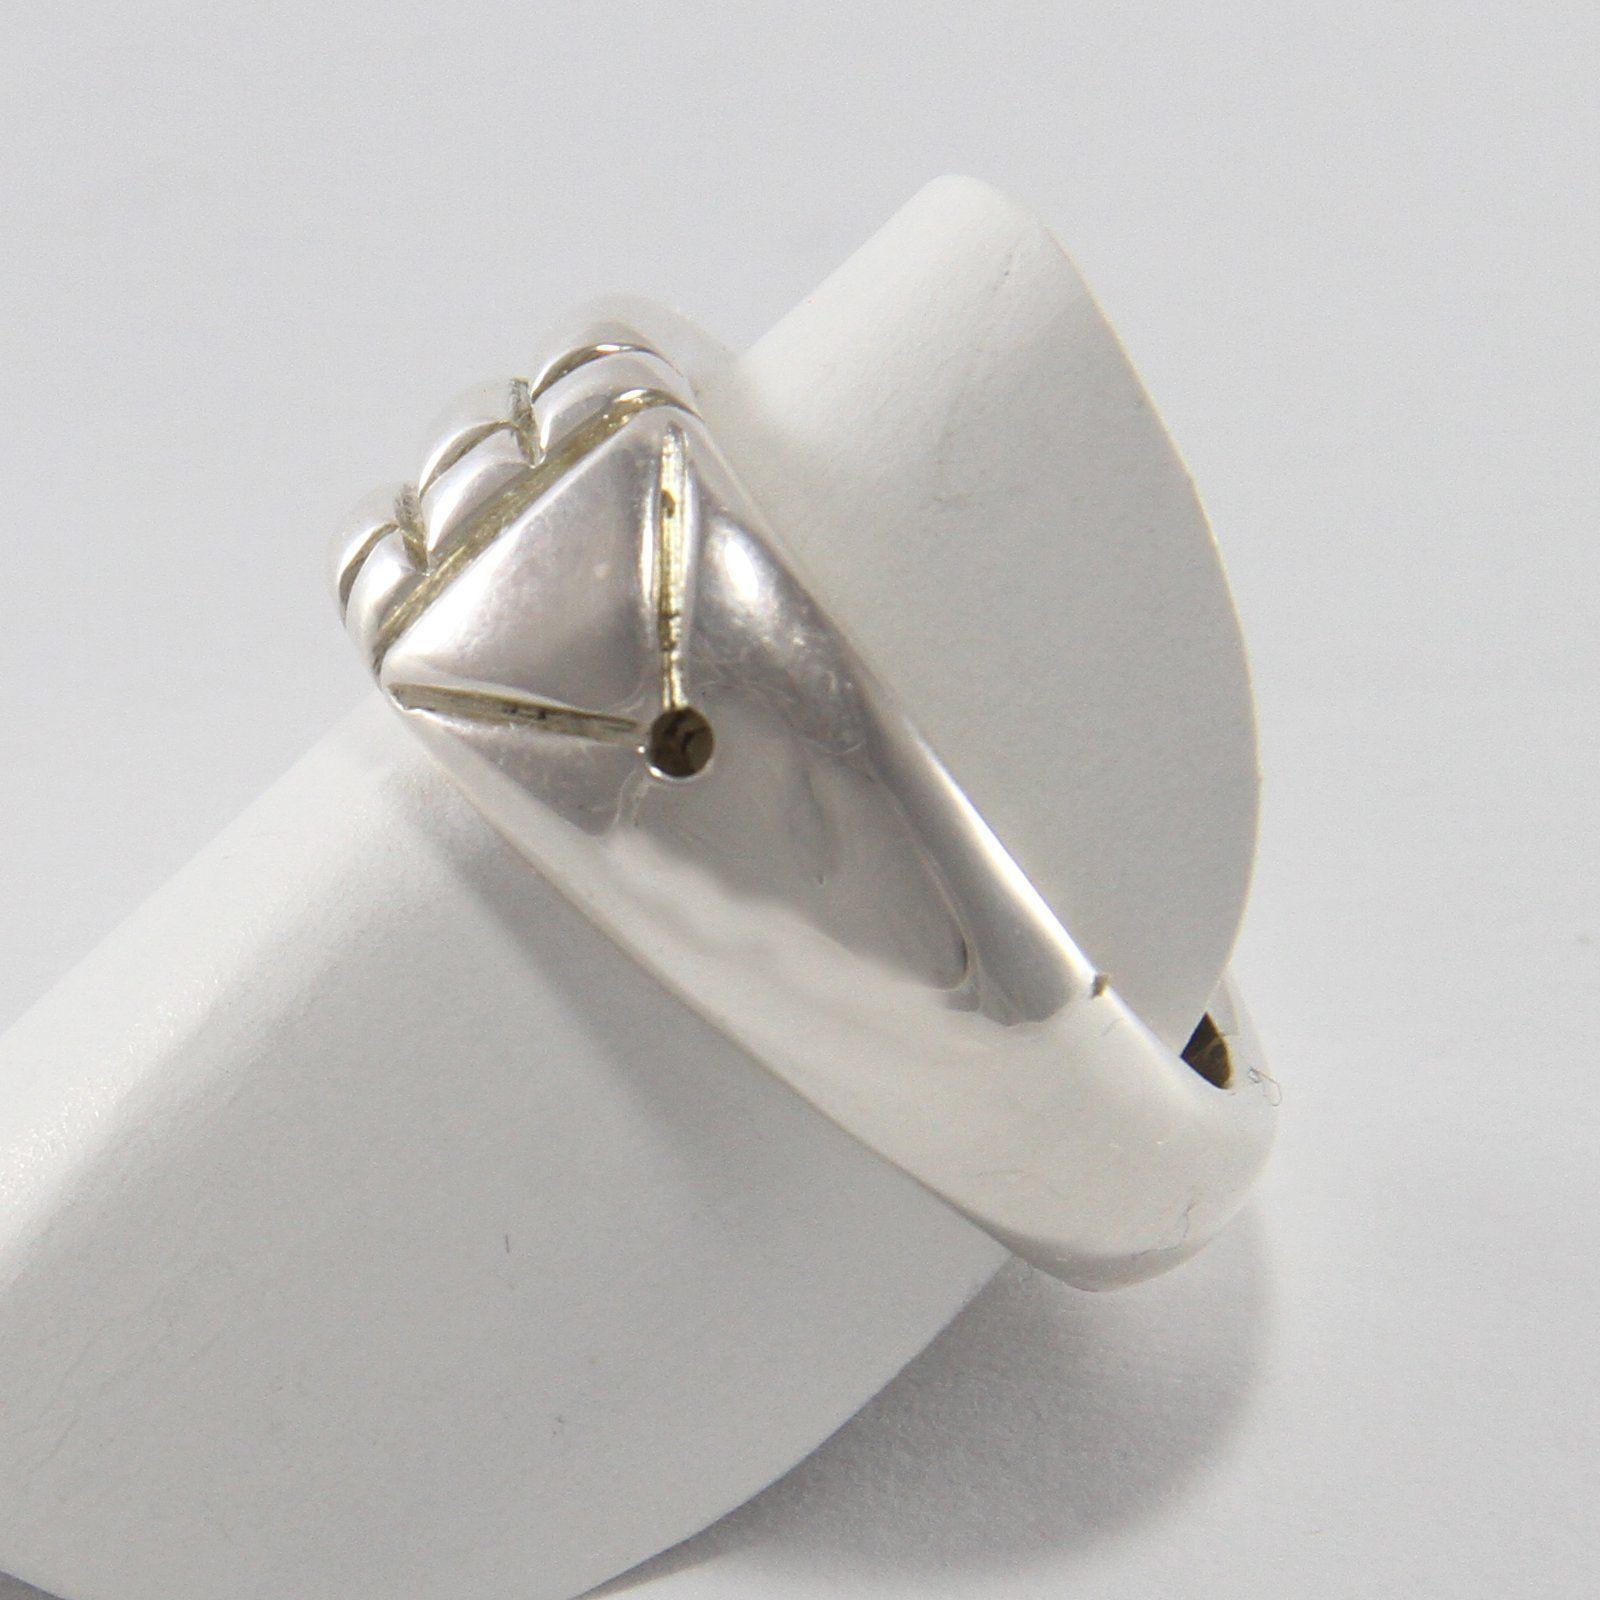 nuovo stile e3798 4e3f0 Anello di Ra chiamato anche anello del Re, Anello di ...